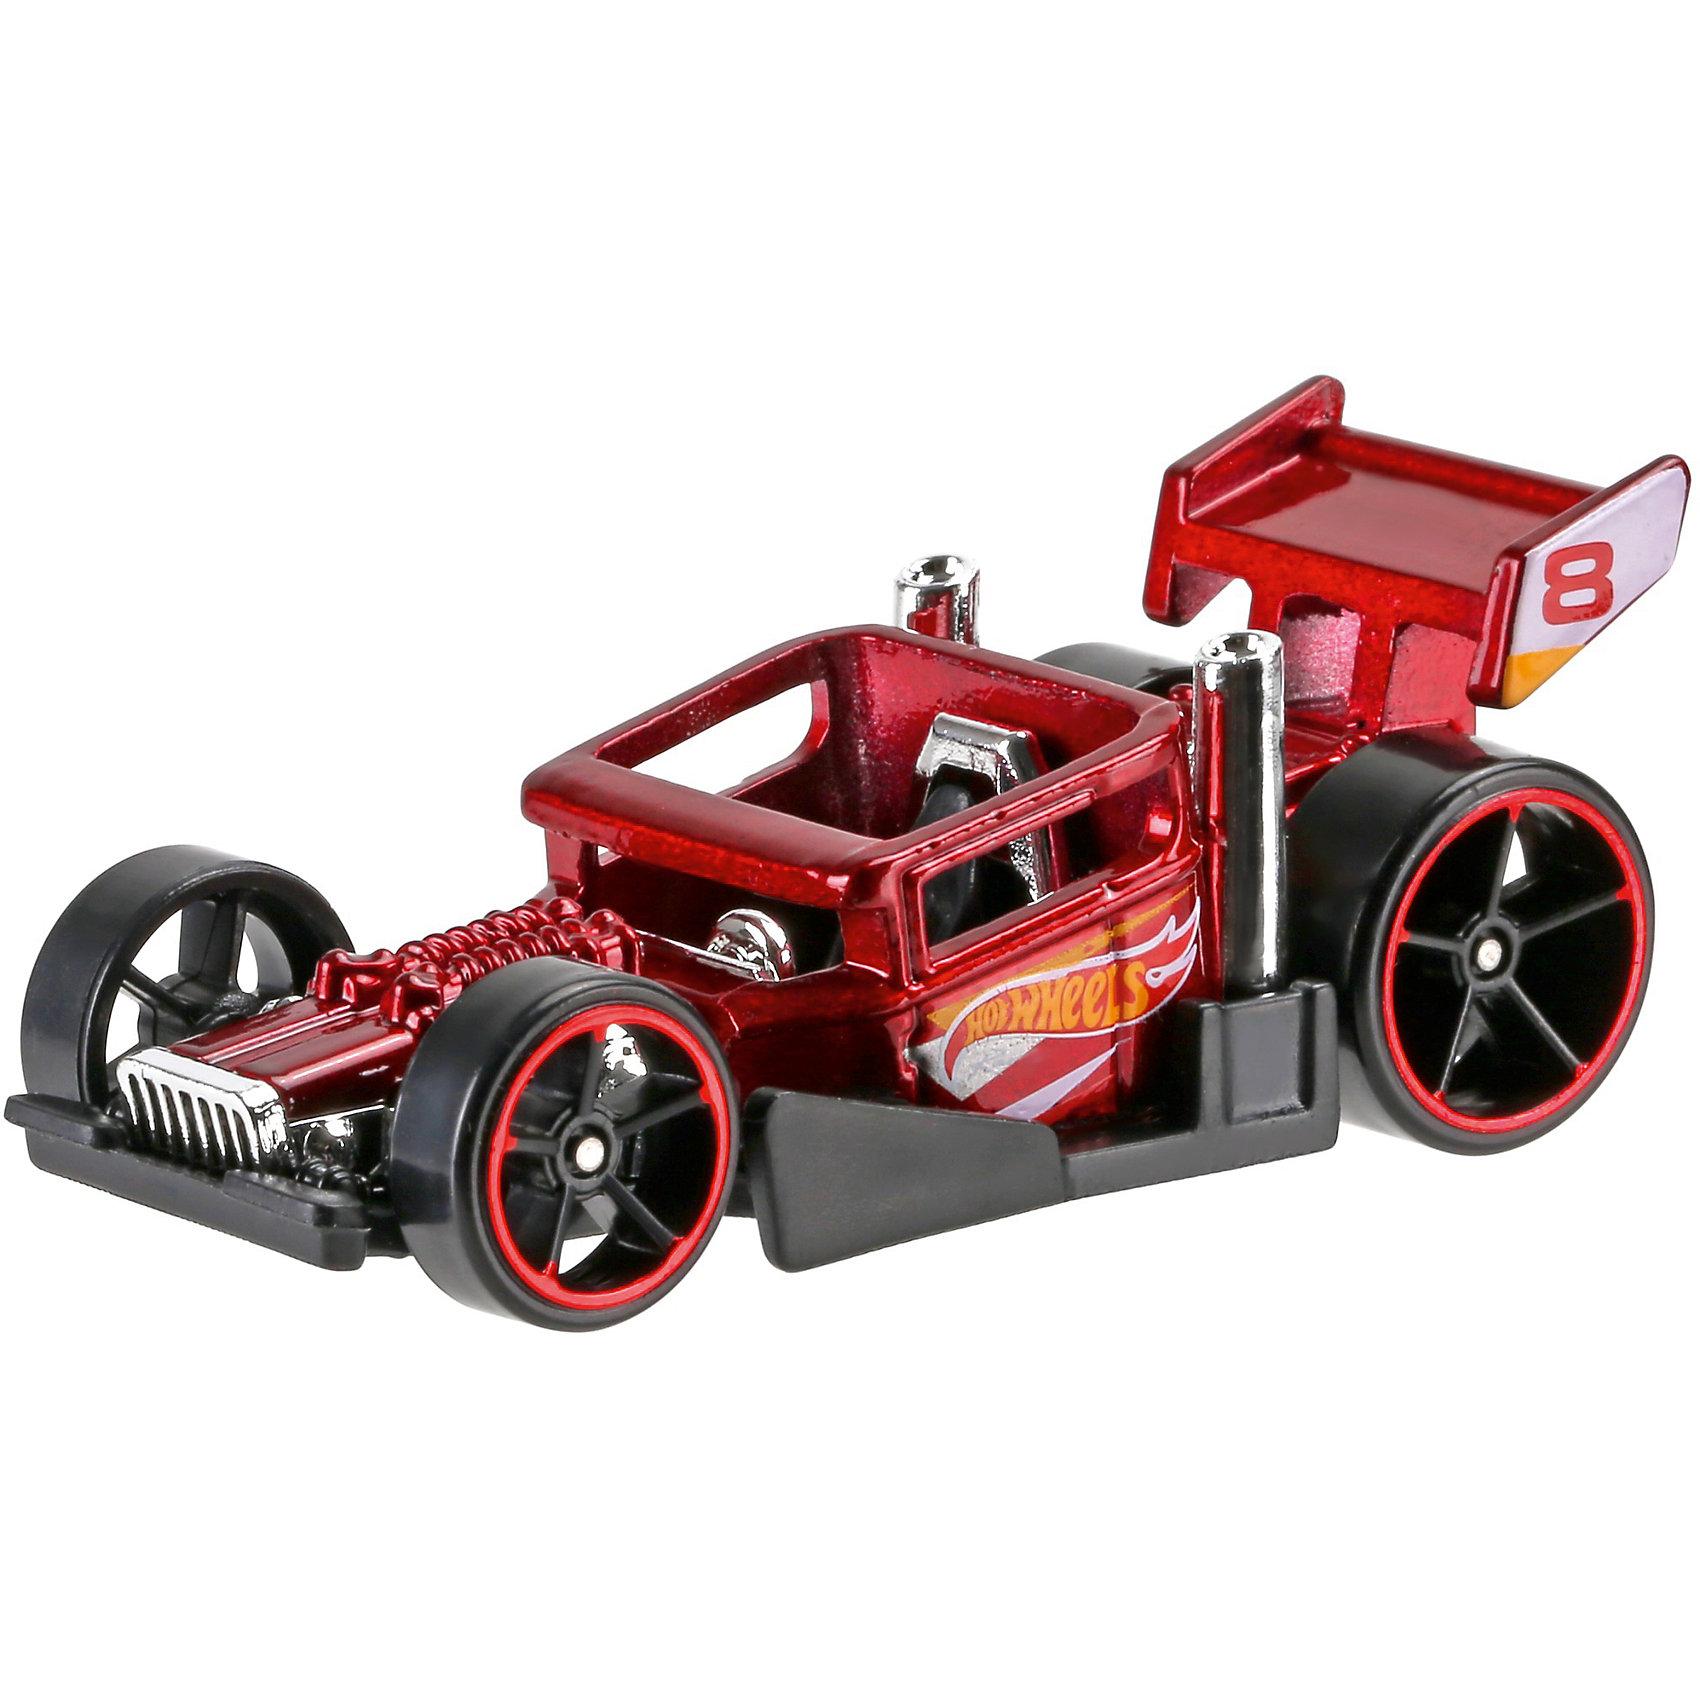 Машинка Hot Wheels из базовой коллекцииМашинки<br>Машинка Hot Wheels из базовой коллекции – высококачественная масштабная модель машины, имеющая неординарный, радикальный дизайн. <br><br>В упаковке 1 машинка,  машинки тематически обусловлены от фантазийных, спасательных до экстремальных и просто скоростных машин. <br><br>Соберите свою коллекцию машинок Hot Wheels!<br><br>Дополнительная информация: <br><br>Машинка стандартного размера Hot Wheels<br>Размер упаковки: 11 х 10,5 х 3,5 см<br><br>Ширина мм: 110<br>Глубина мм: 45<br>Высота мм: 110<br>Вес г: 30<br>Возраст от месяцев: 36<br>Возраст до месяцев: 96<br>Пол: Мужской<br>Возраст: Детский<br>SKU: 5033423